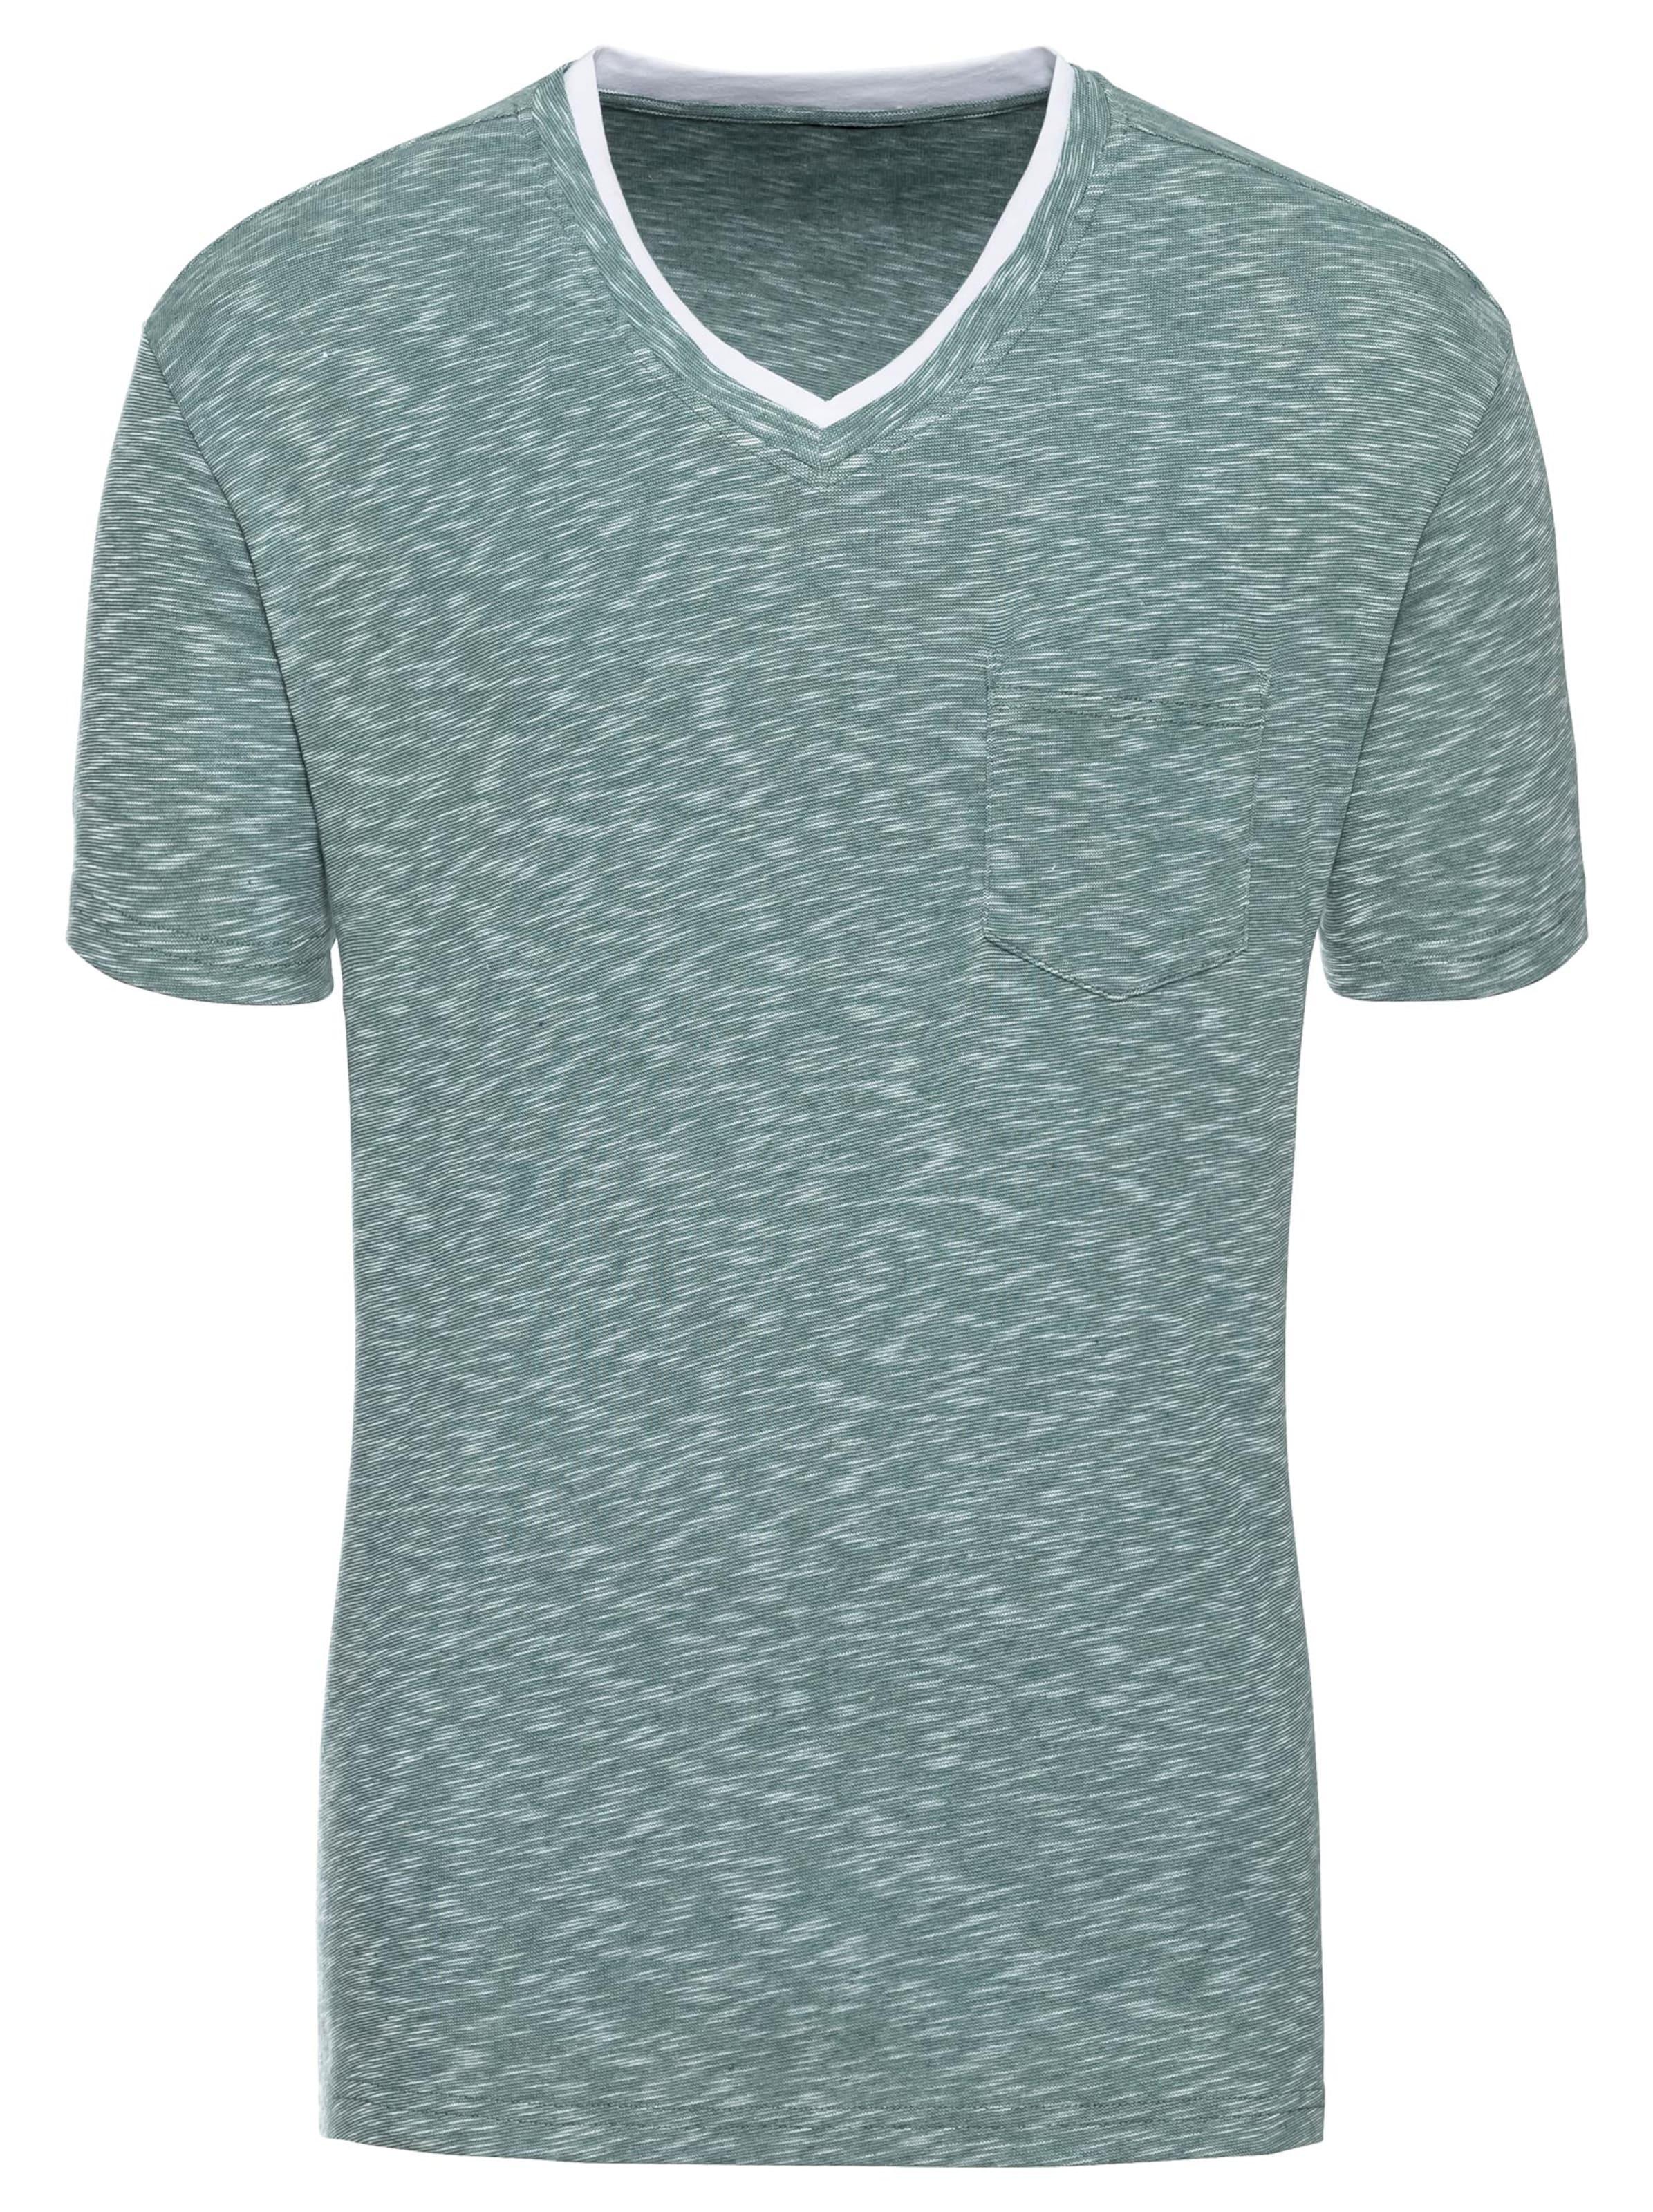 witt weiden - Herren Kurzarm-Shirt grün